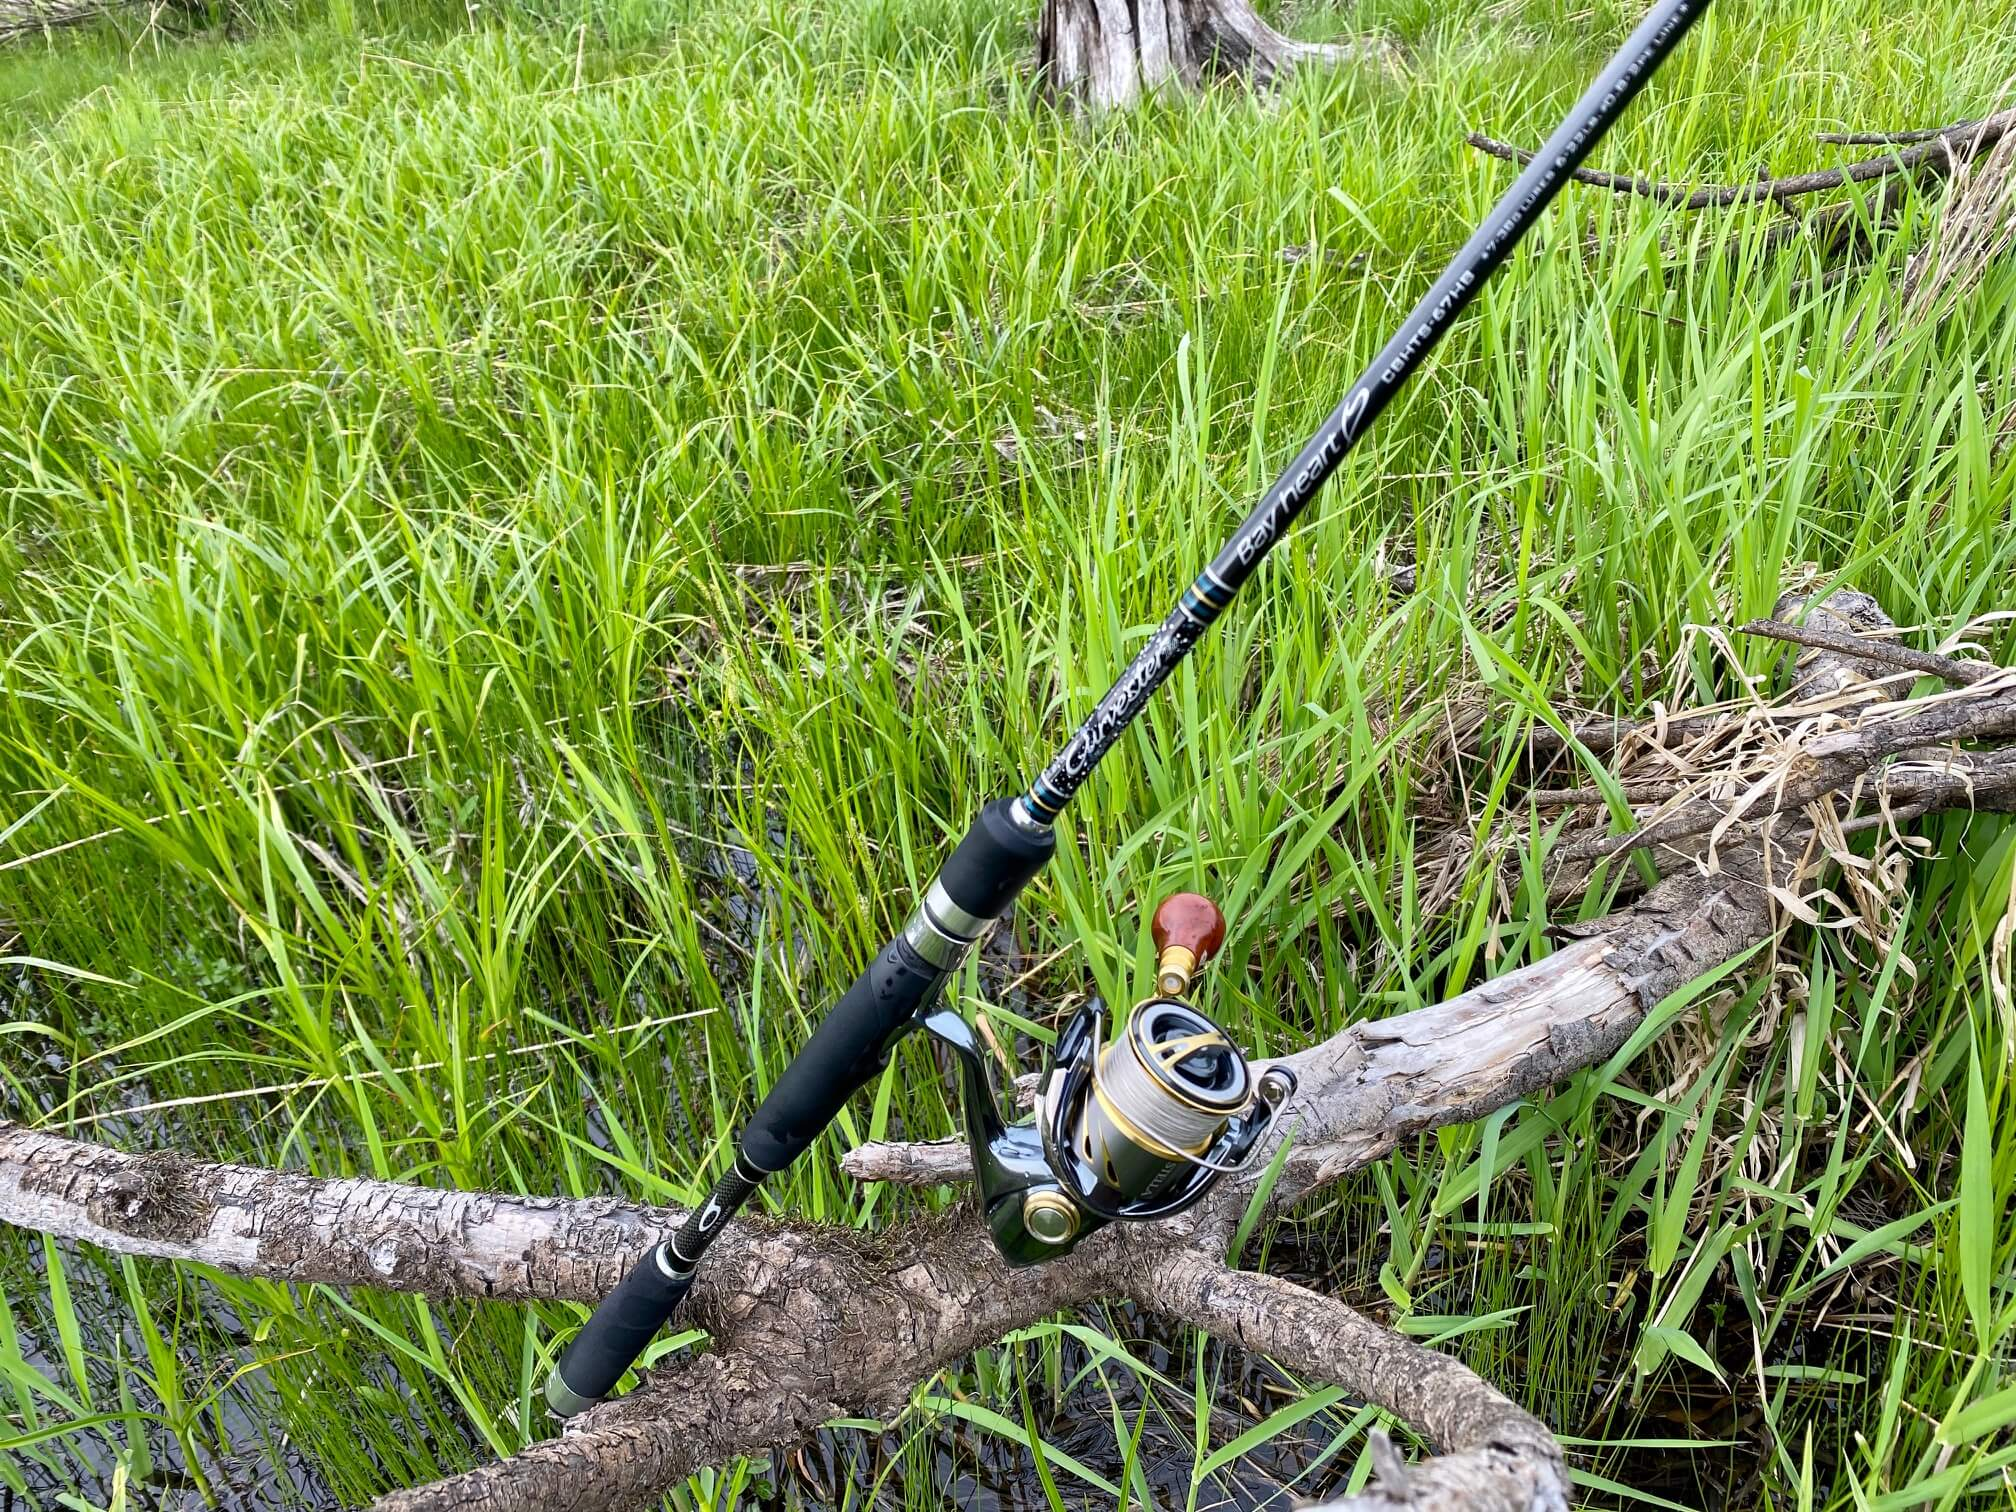 イトウ釣りのタックル